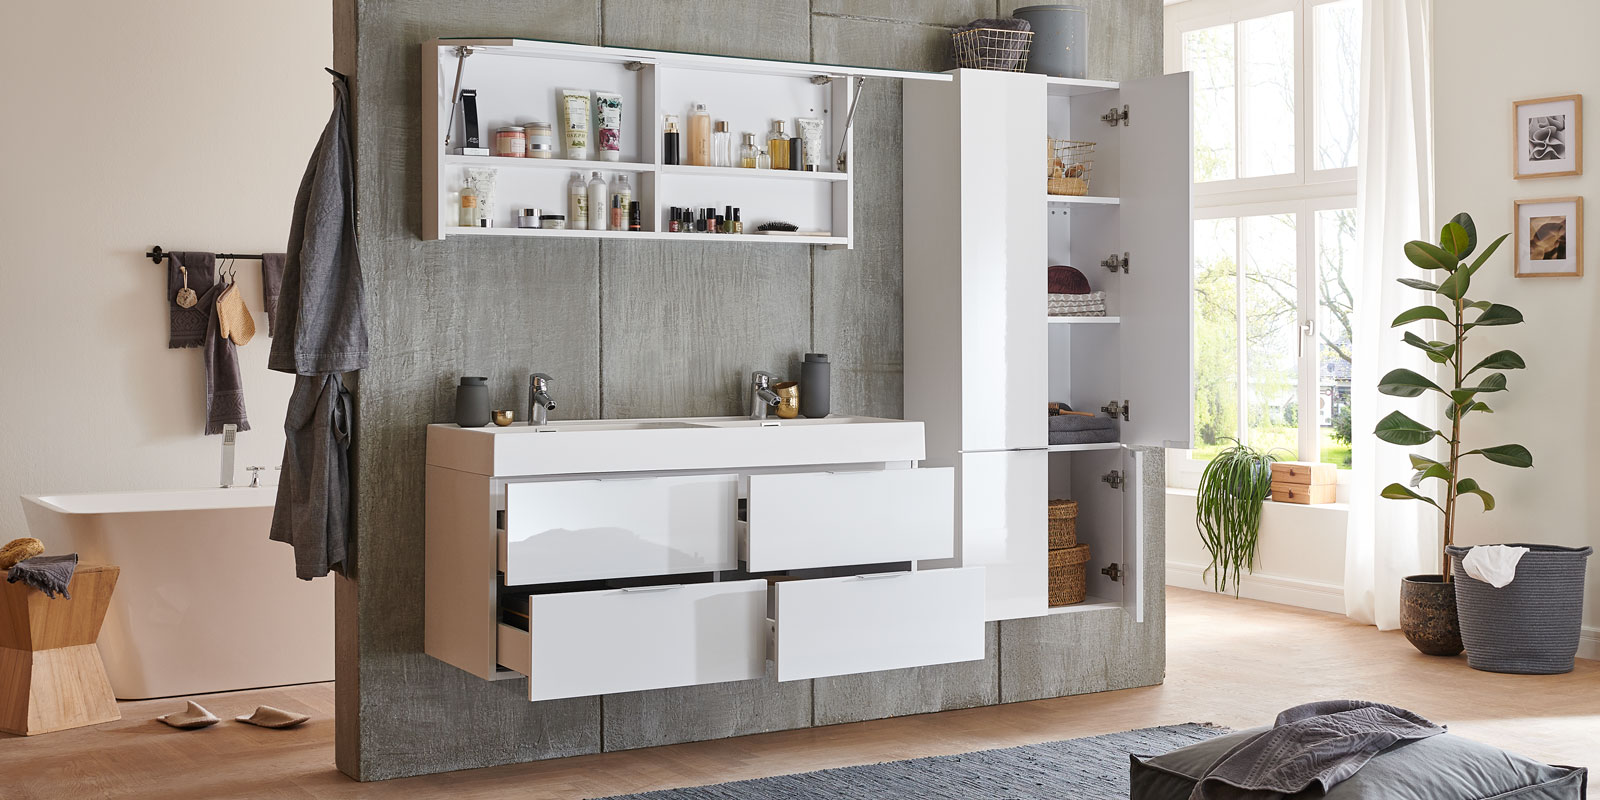 Moebella24 - Bad -Set - Doppelwaschtisch - mit - Waschbecken - Weiß - Hochglanz - Wales - Spiegelschrank - Seitenschrank - Frontal